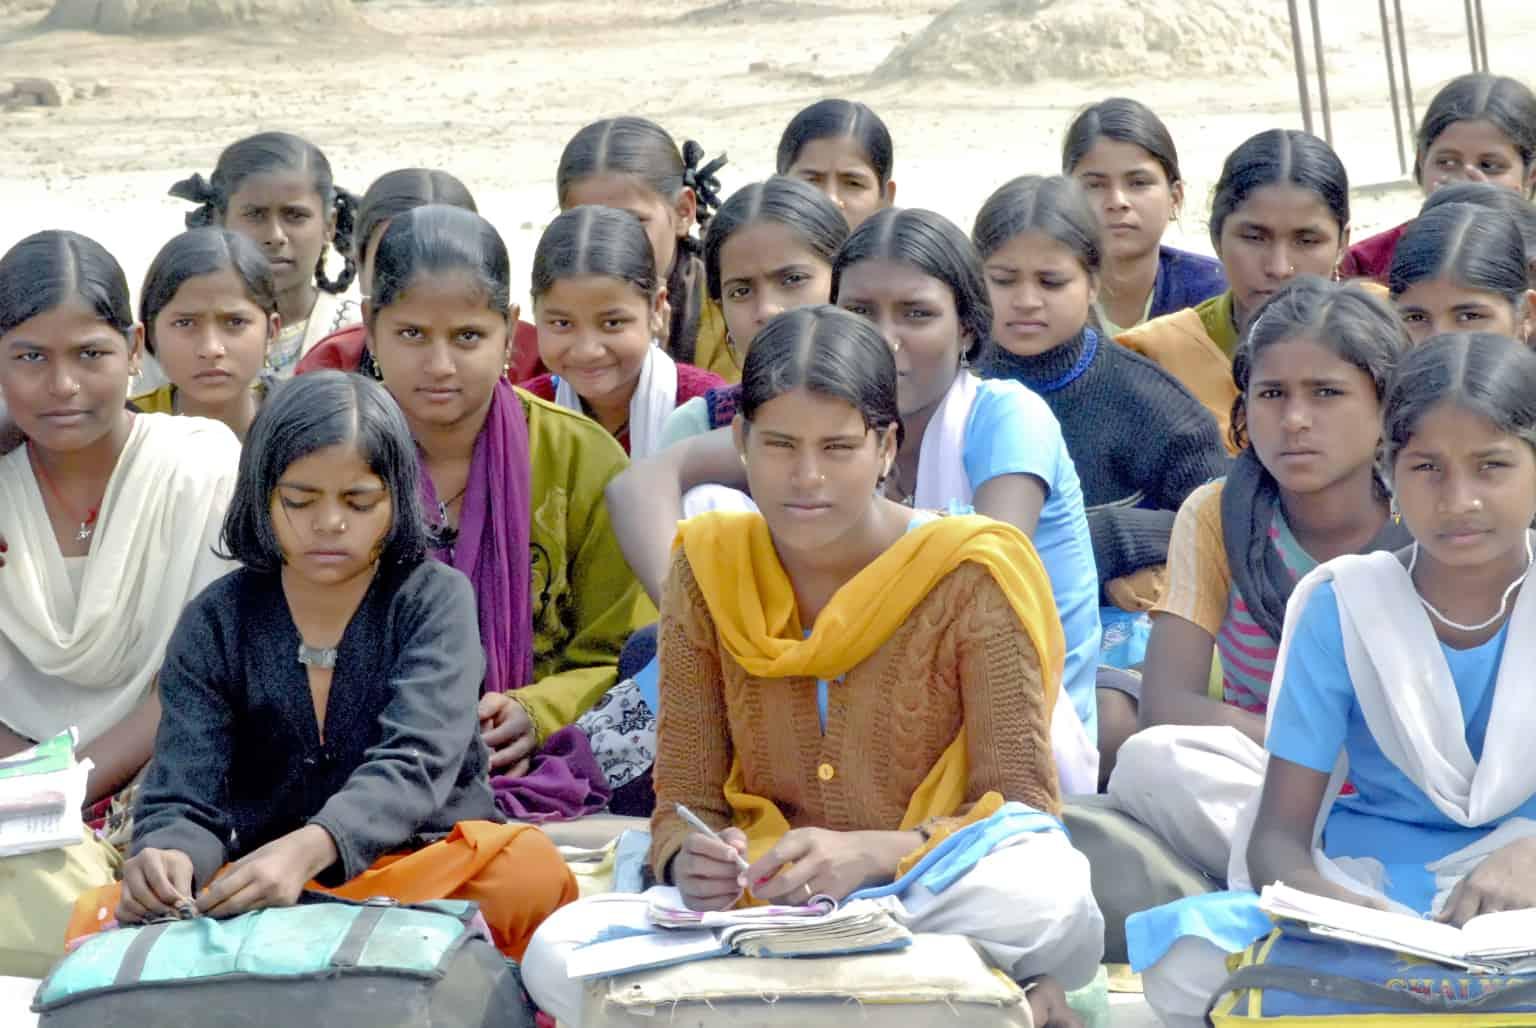 Enfants d'une classe en Inde